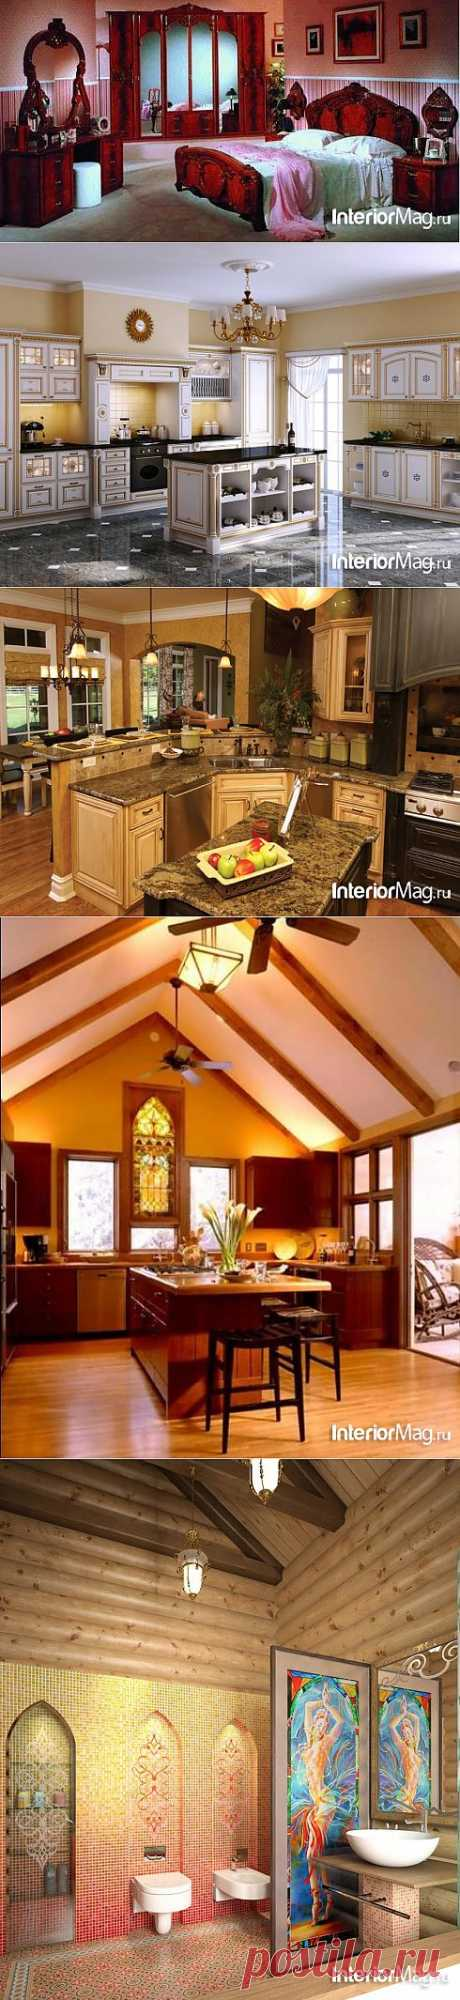 Восточный стиль интерьера   Наш уютный дом